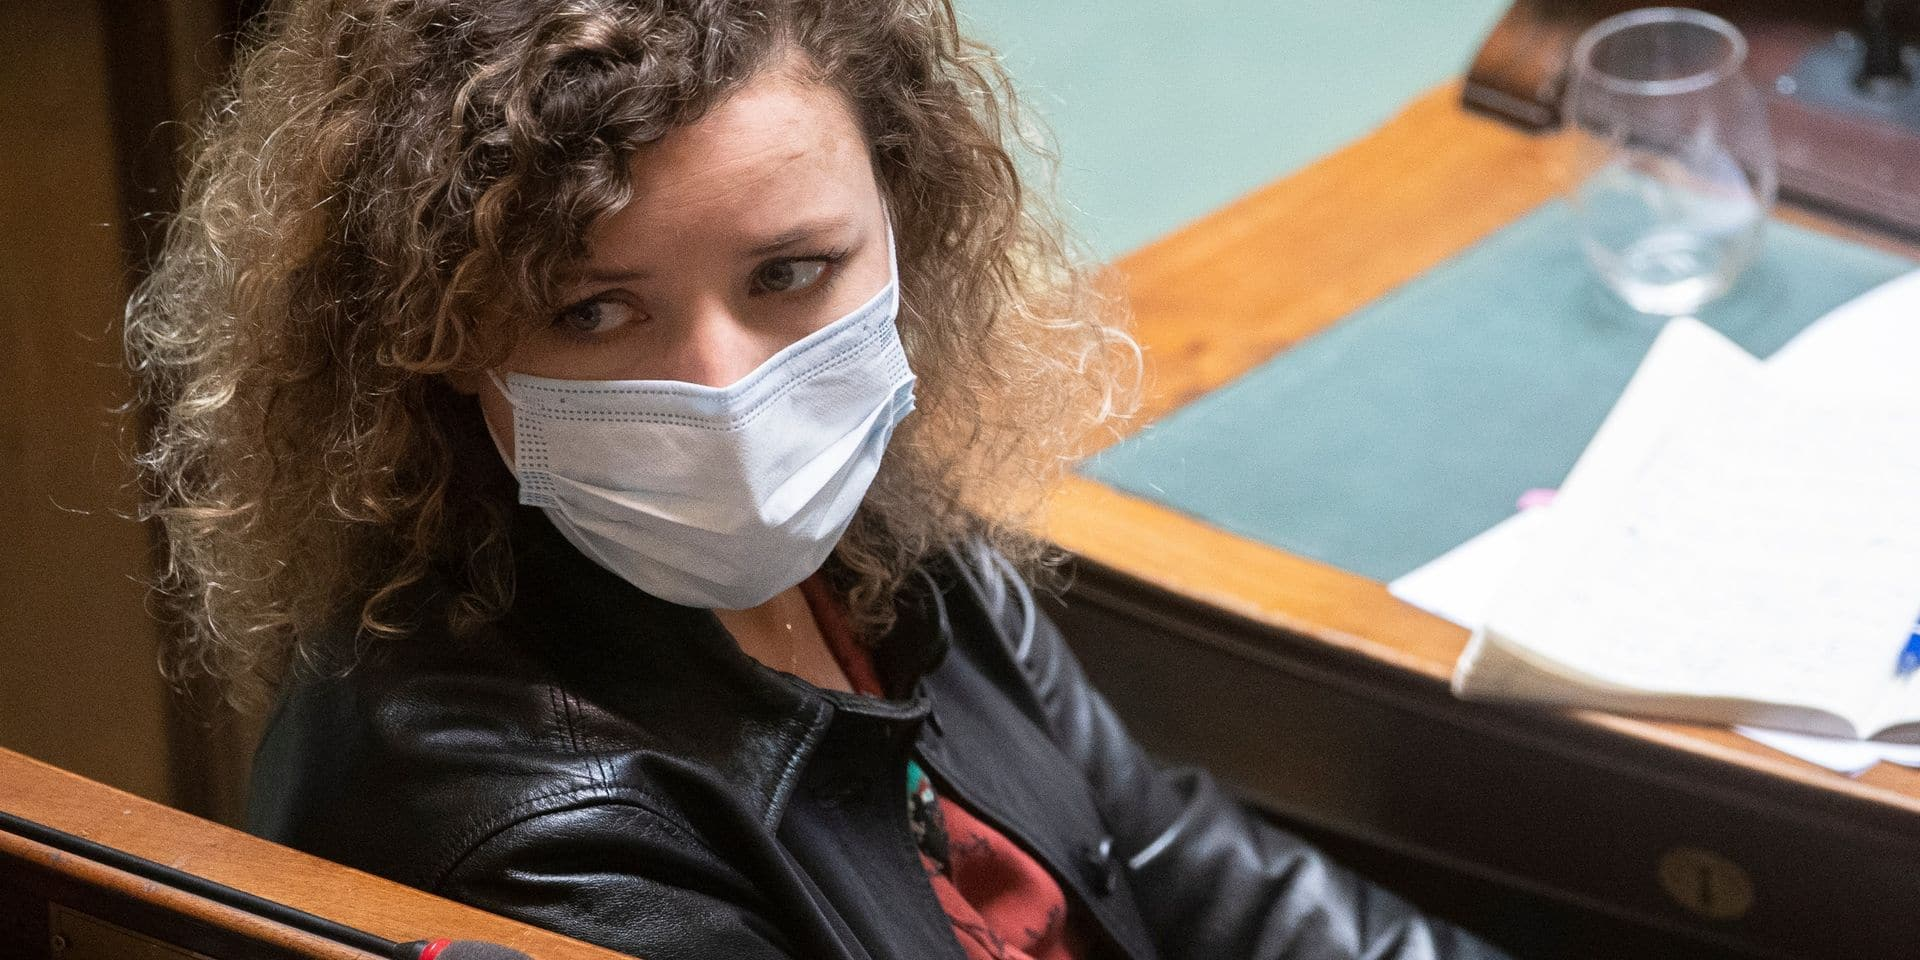 """Elza, 12 ans, renvoyée de son école à cause de collants """"trop transparents"""""""